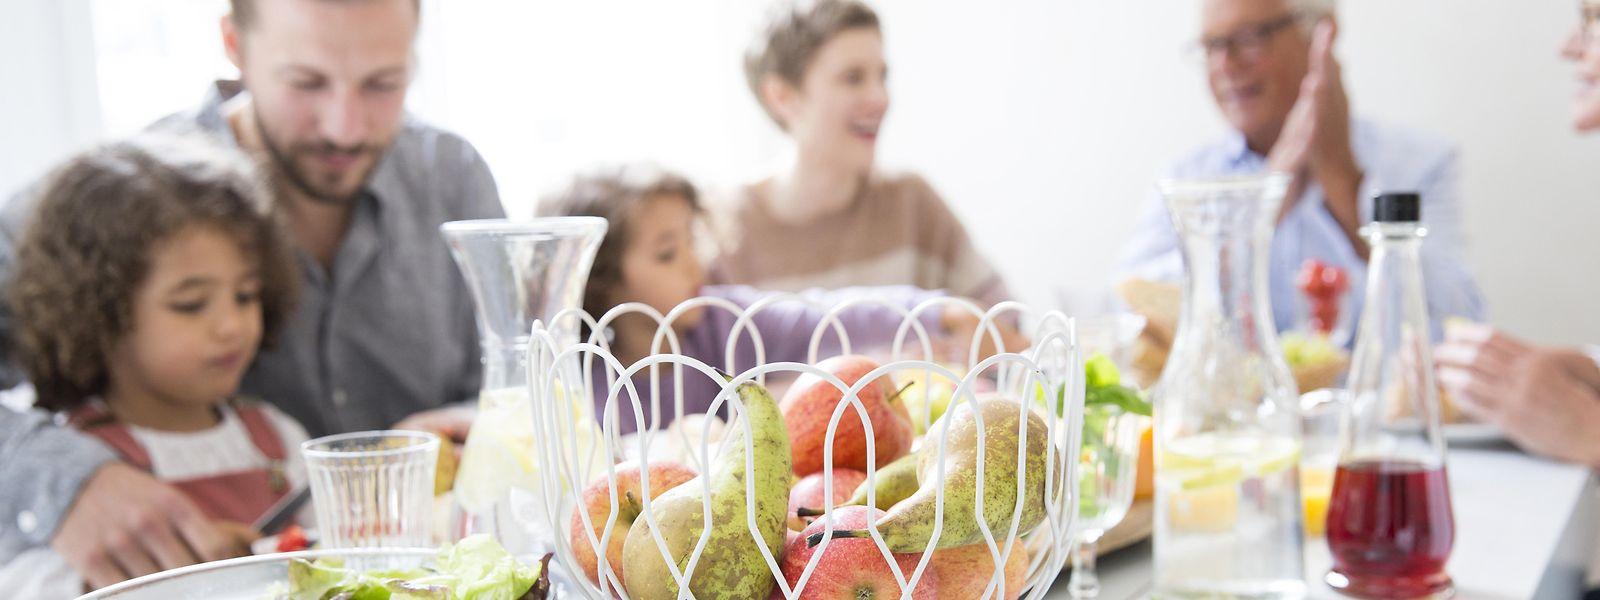 Gut für Genuss und Verdauung: Gemeinsam am Esstisch sitzen und dabei möglichst entspannt sein.